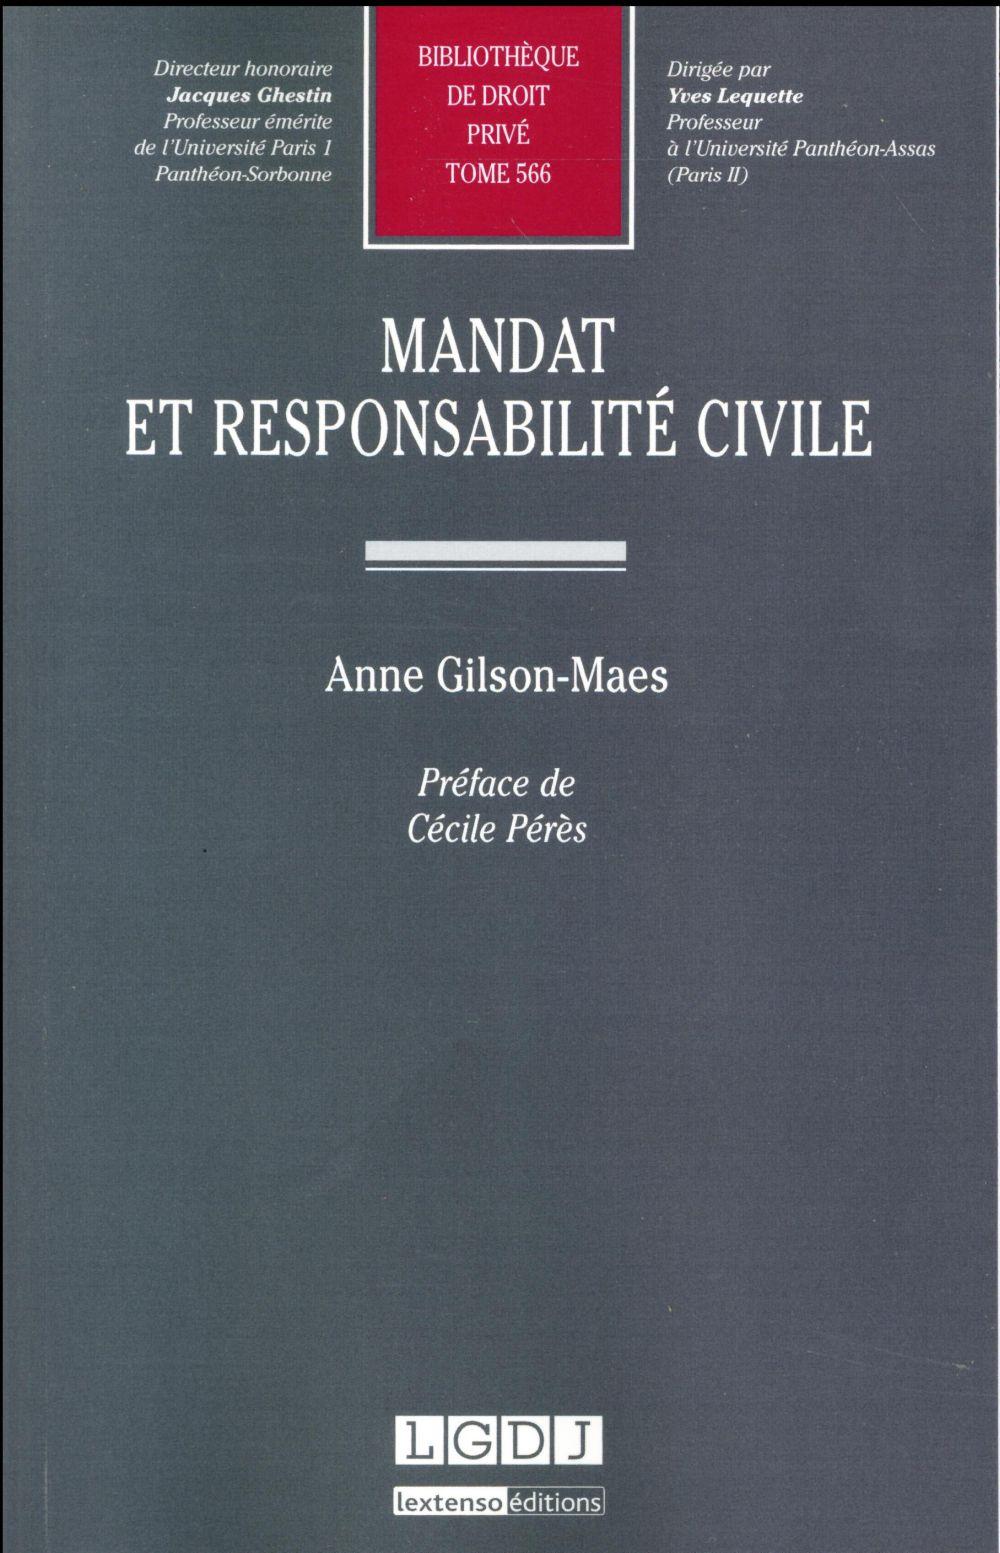 mandat et responsabilité civile